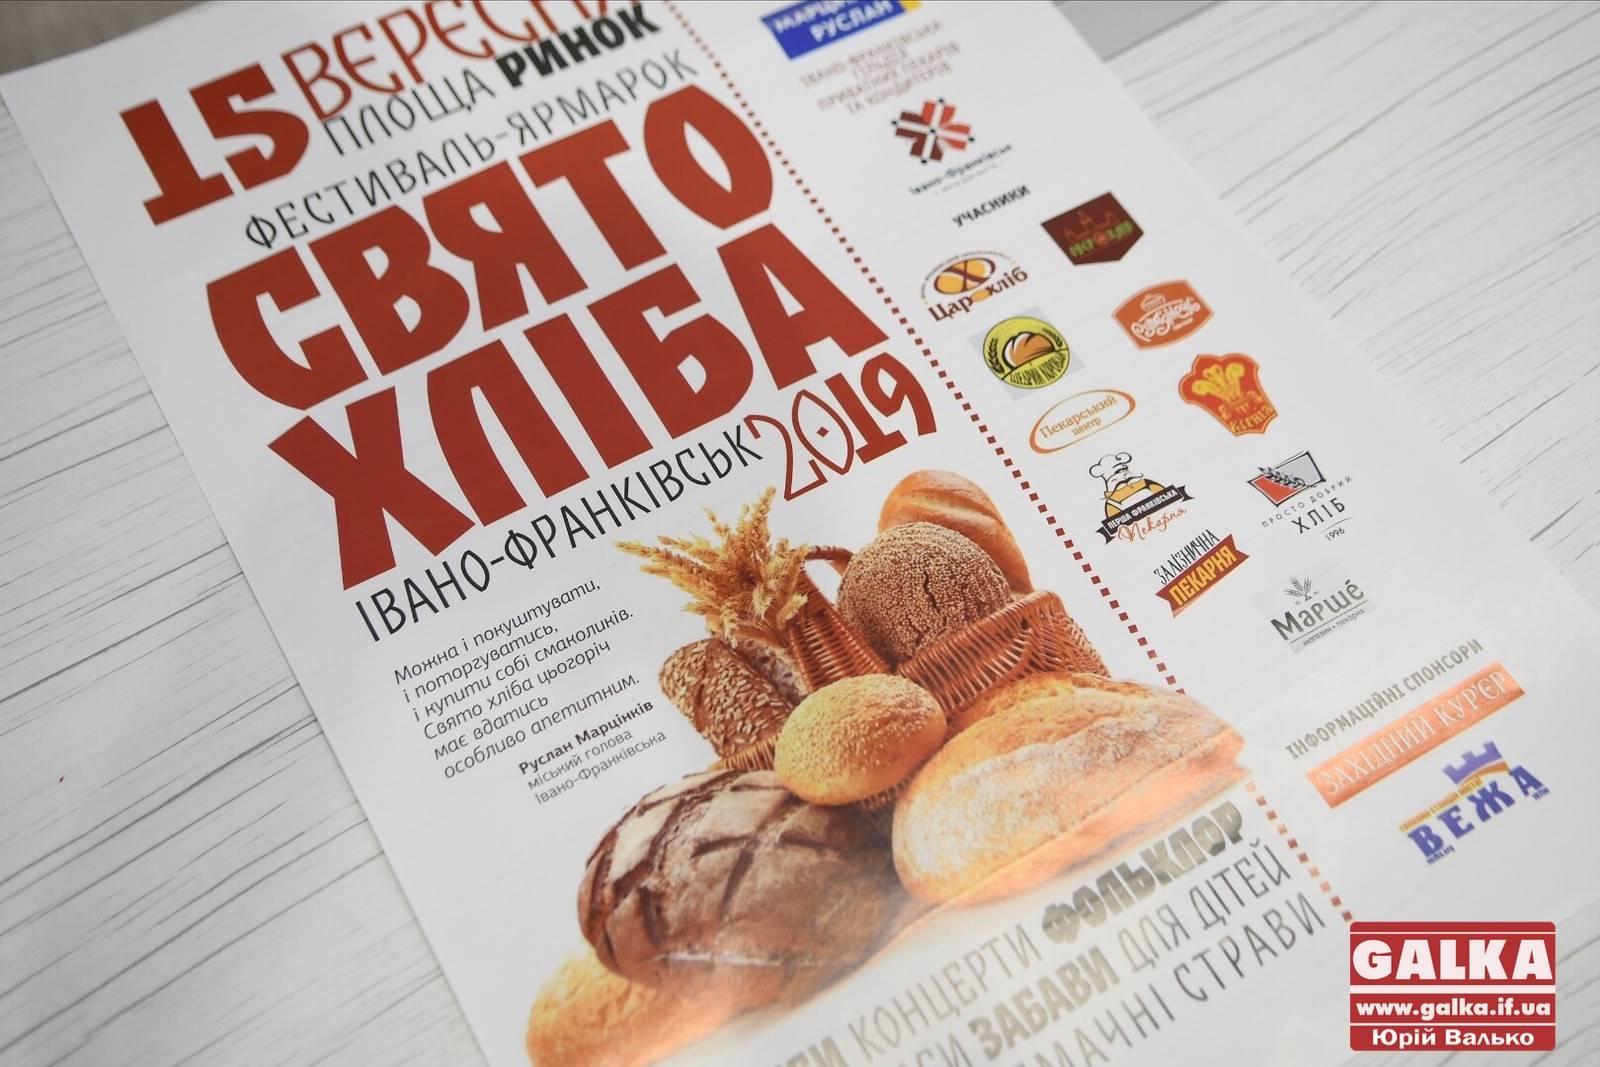 Апетитне свято: в Івано-Франківську влаштують фестиваль хліба (ФОТО)